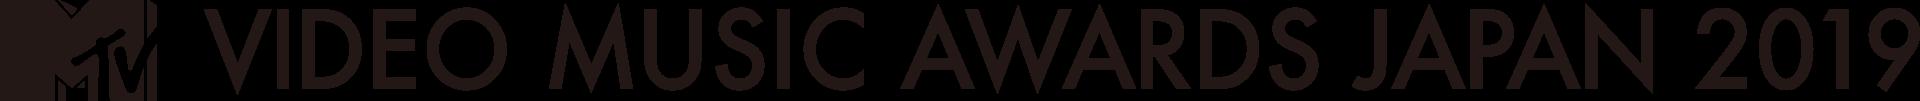 VMAJ 2019 ロゴ